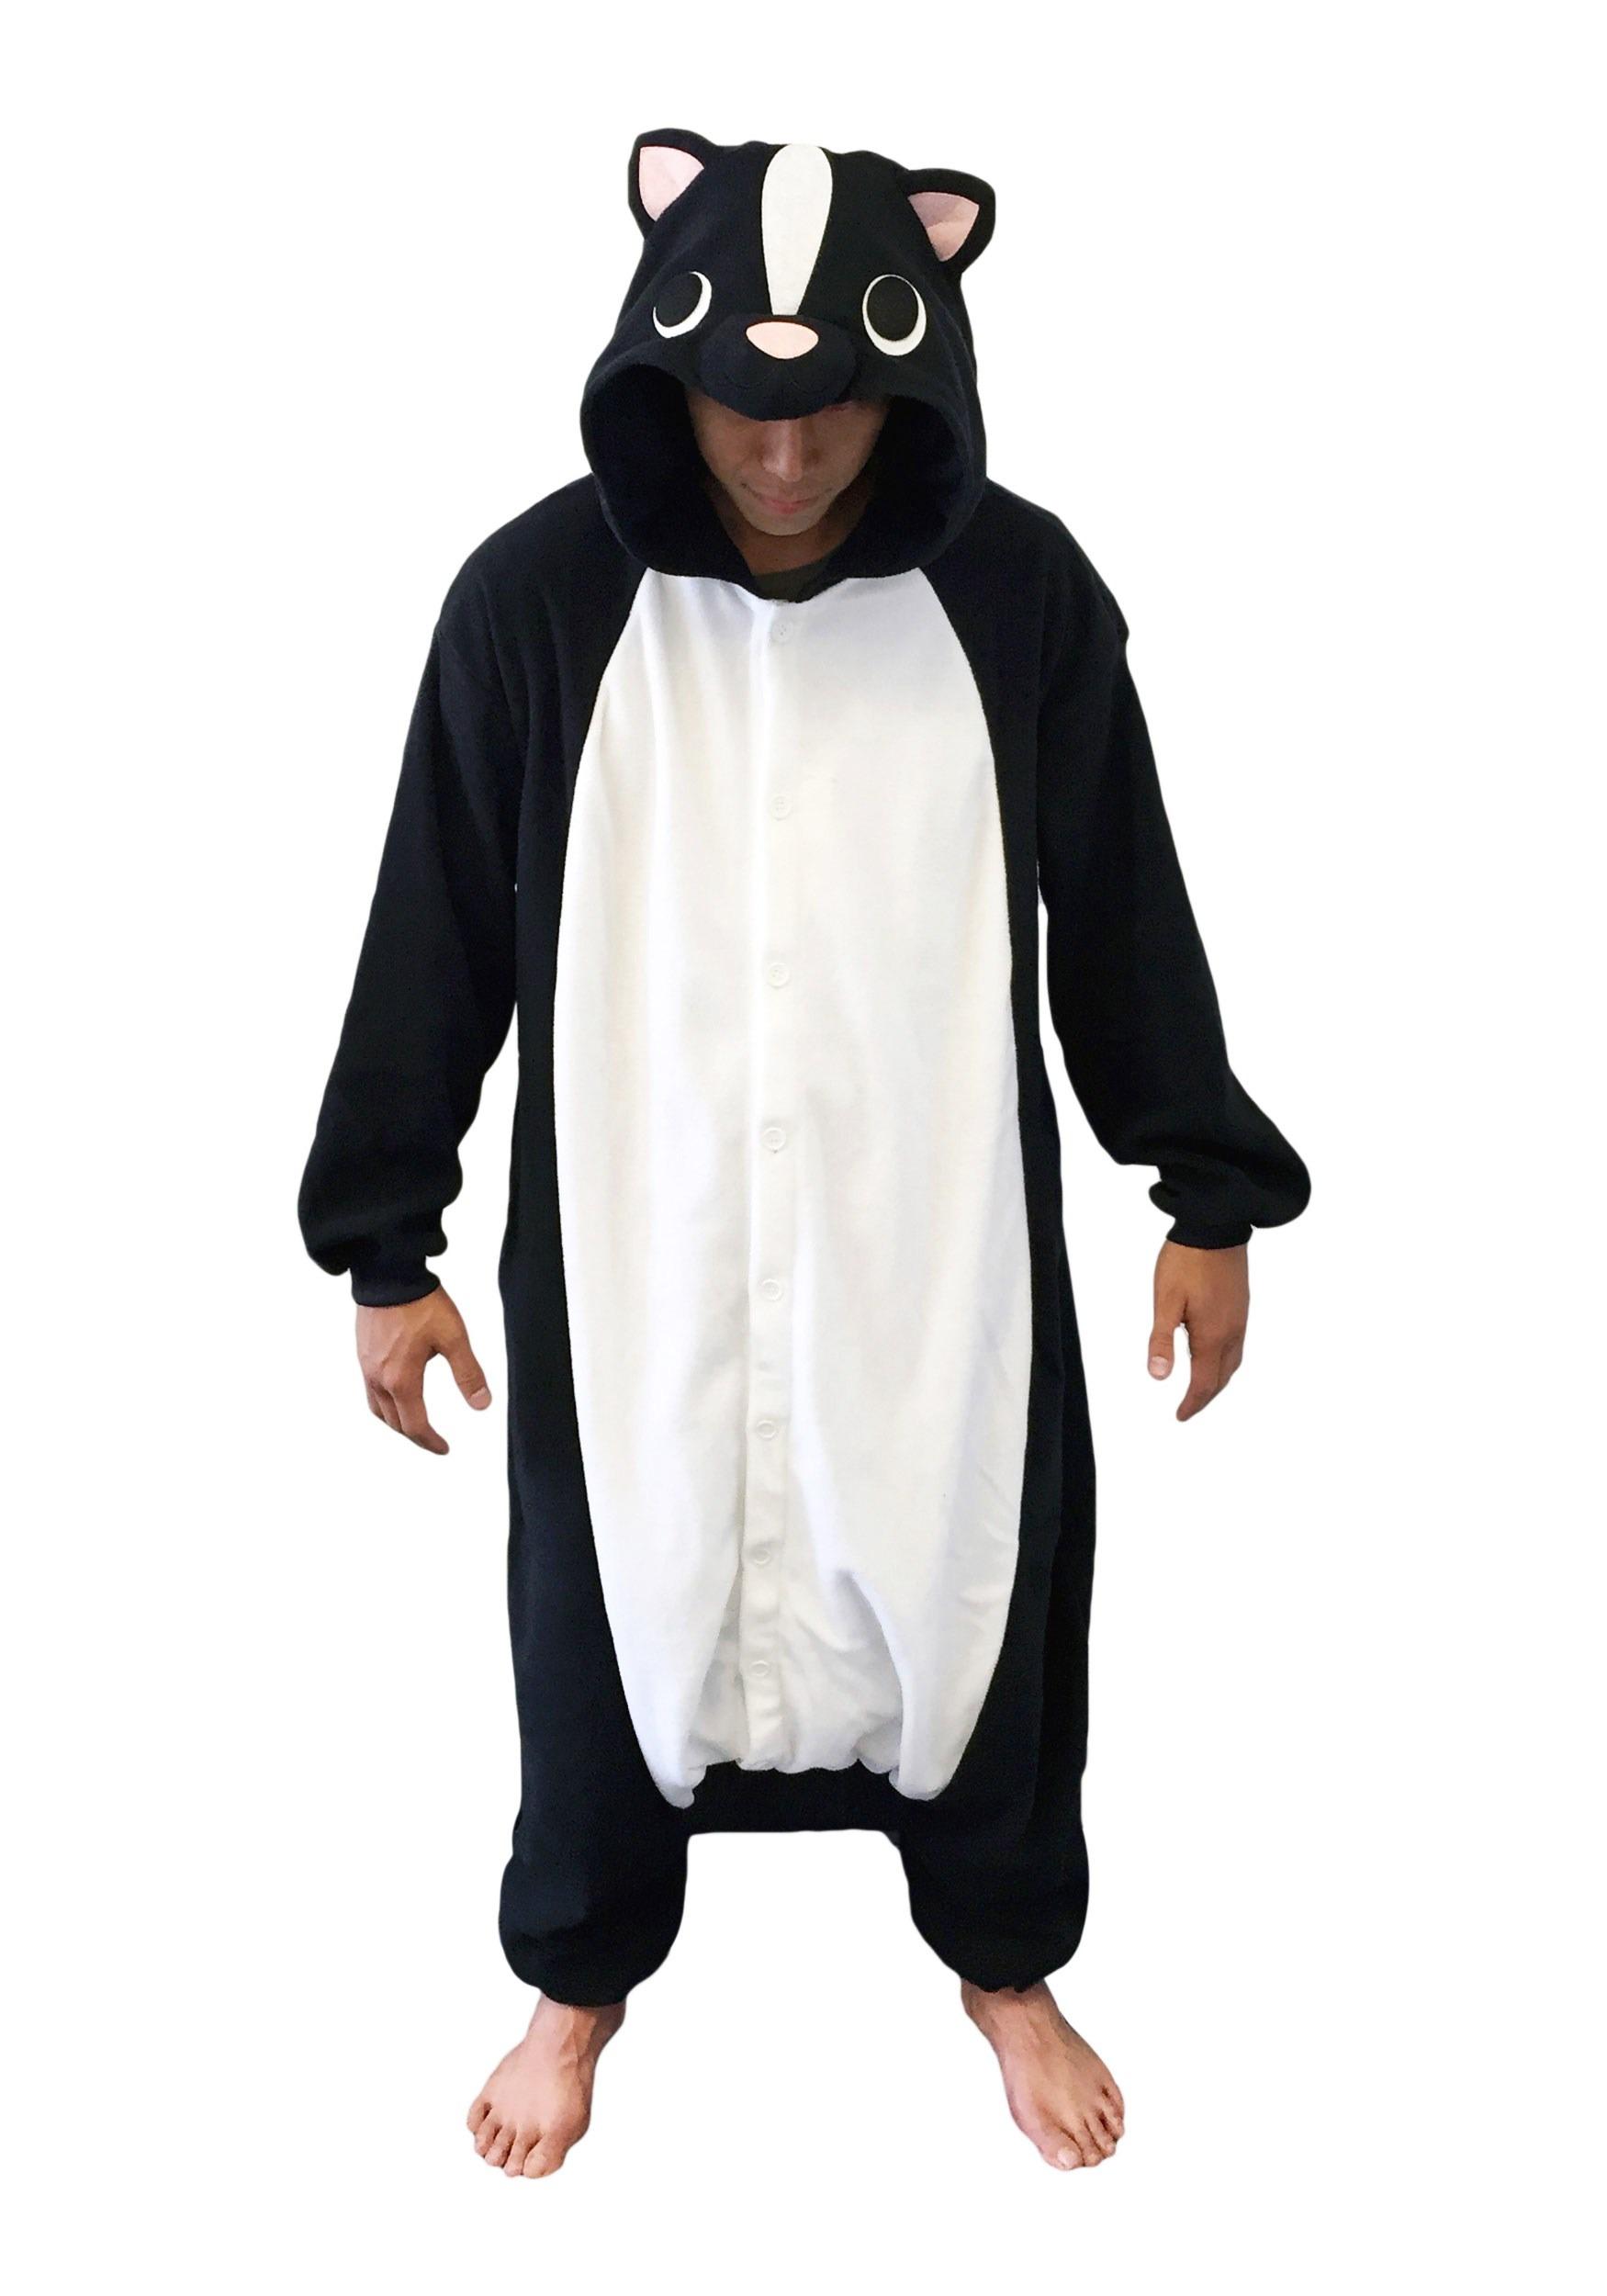 Skunk Adult Kigurumi Costume